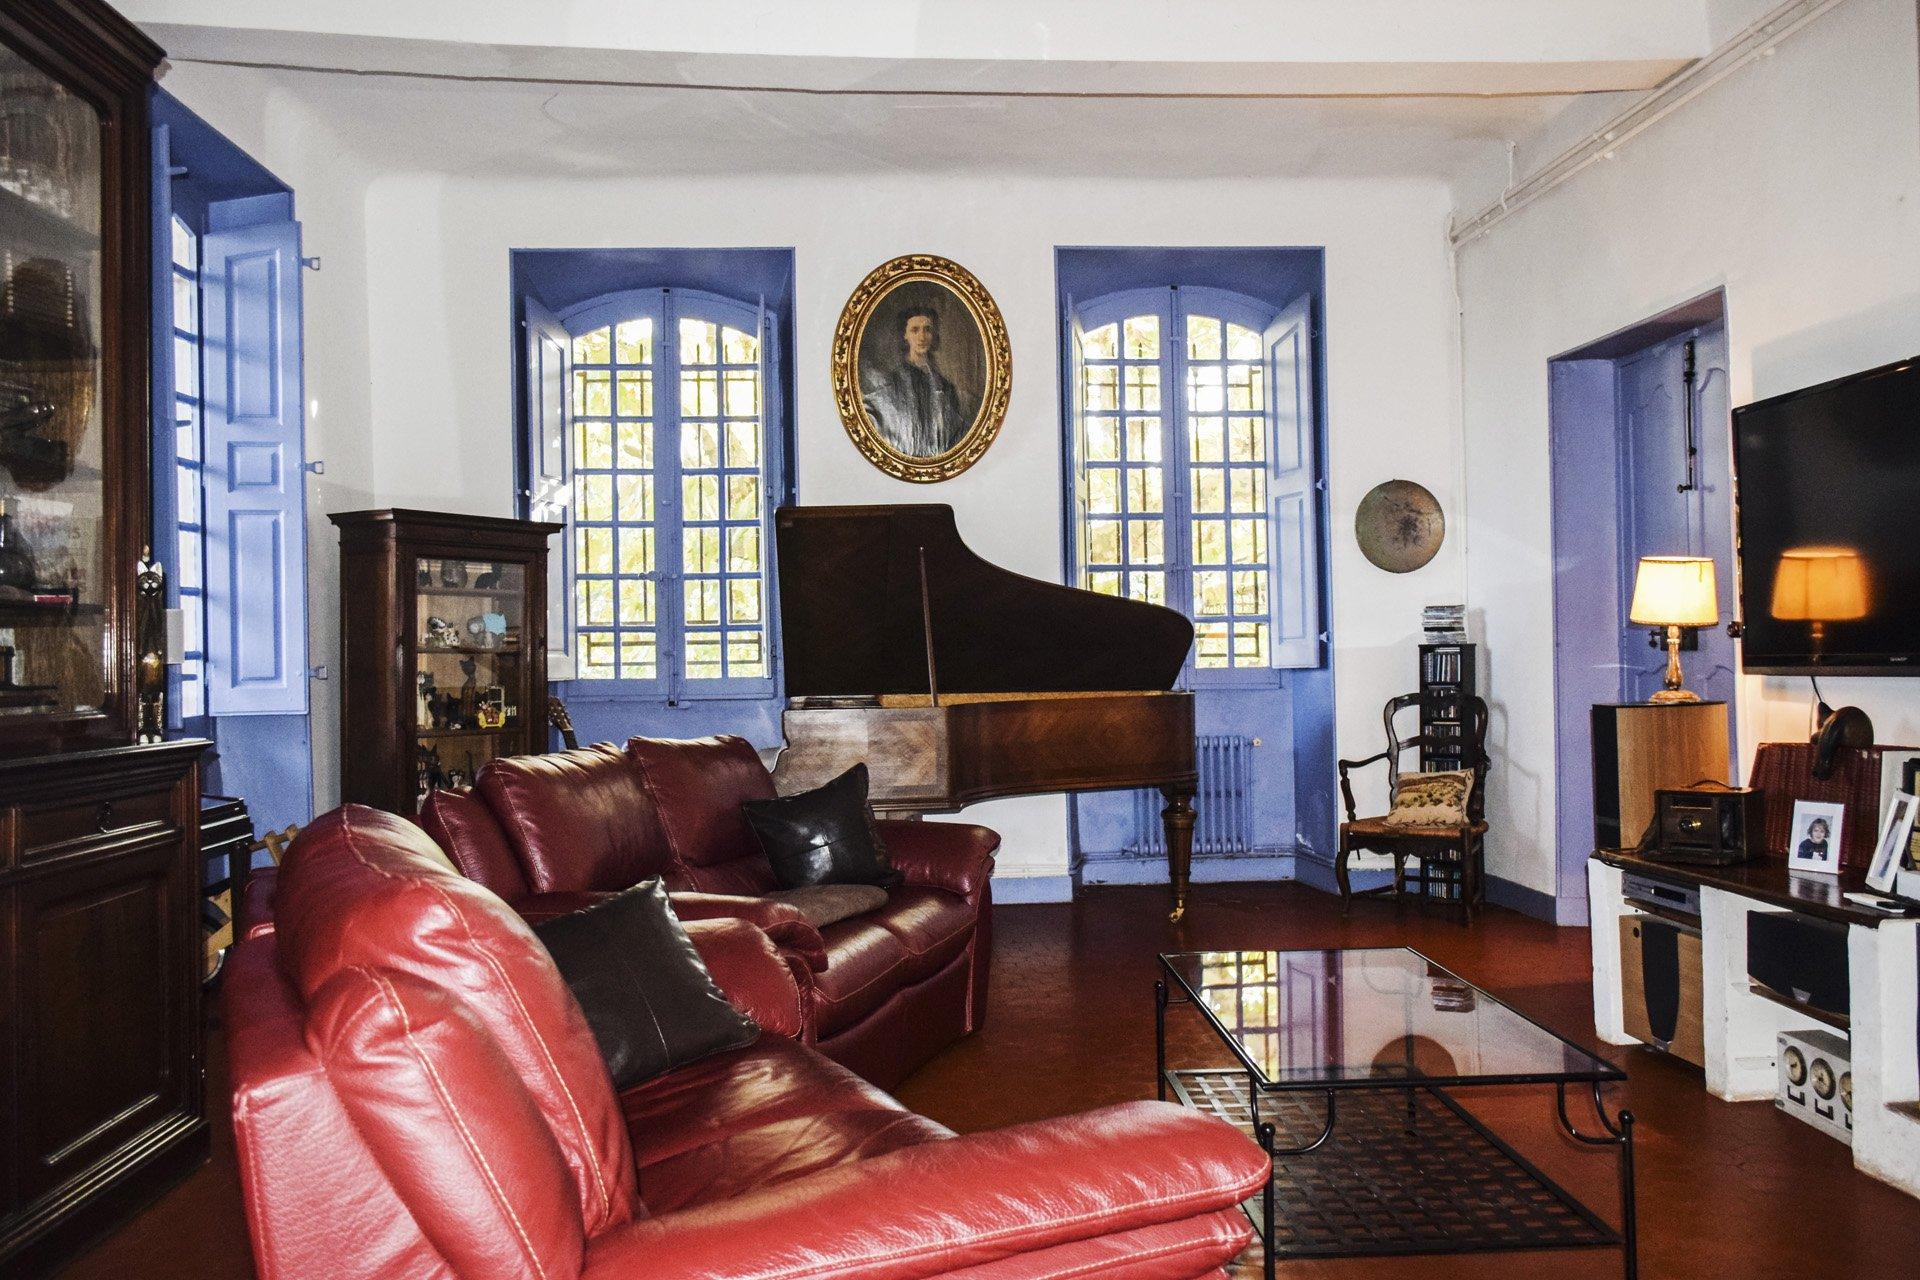 salon Bastide 18 ième siècle 750 m², sur 2 ha chambres d'hôtes, le luc, var, provence